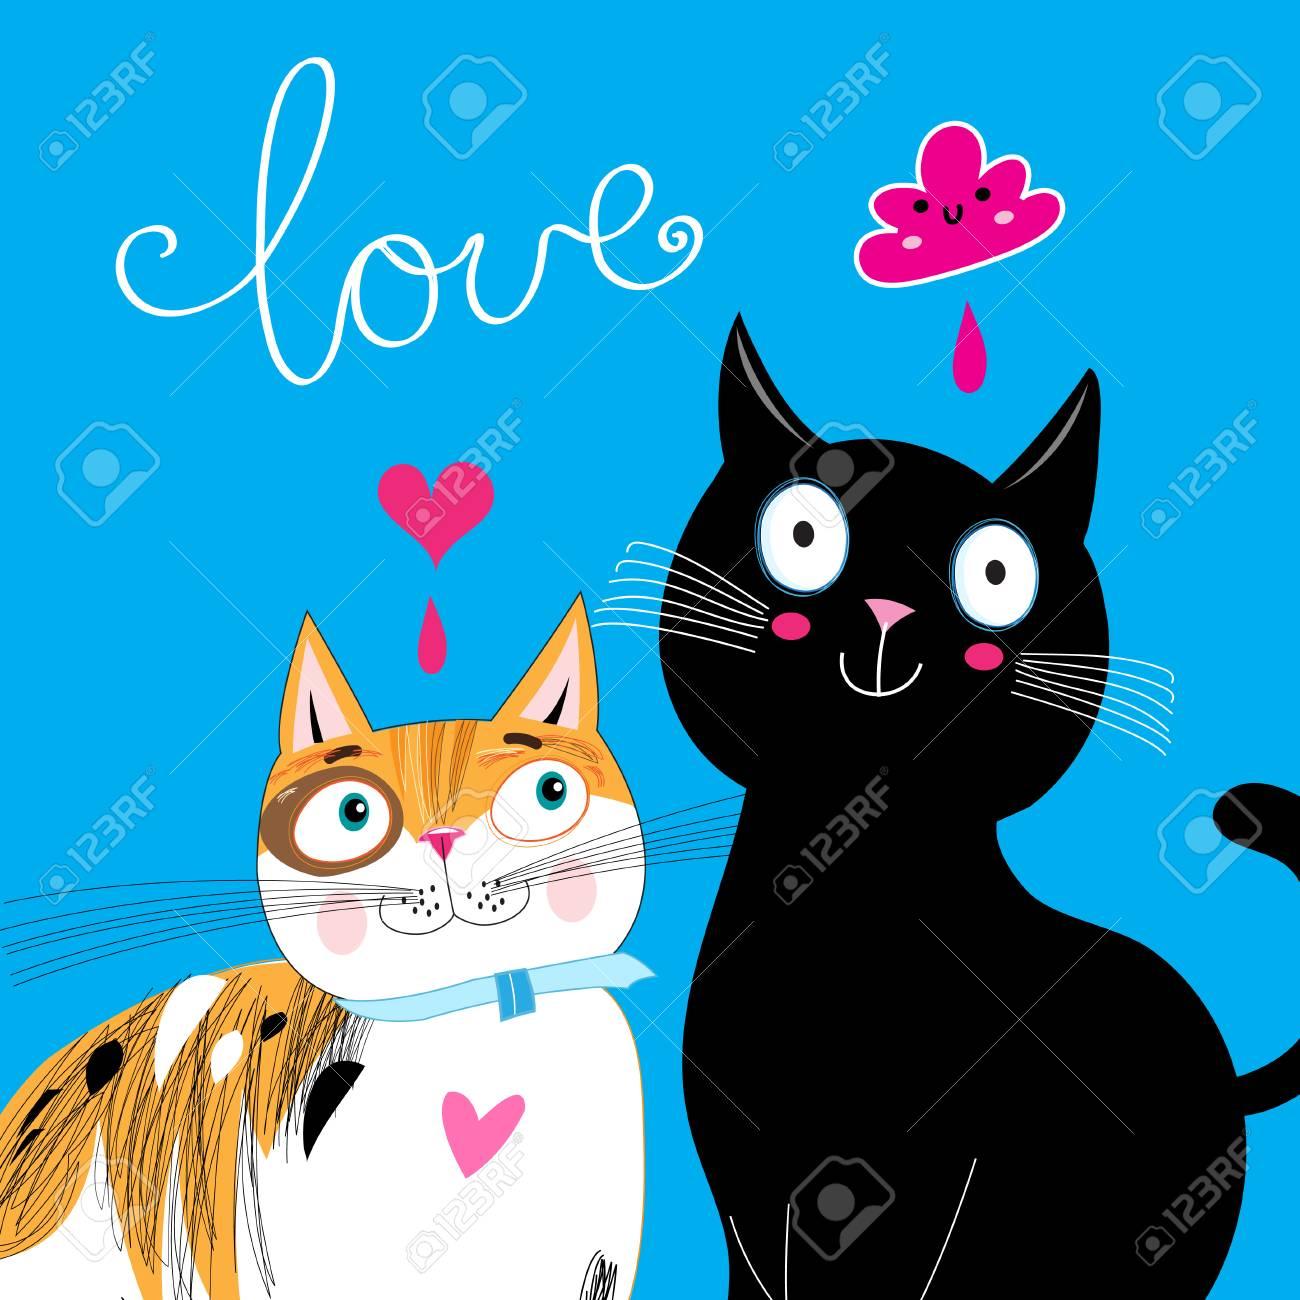 Brillante Postal Alegre Para El Día De San Valentín Con Gatos Amor